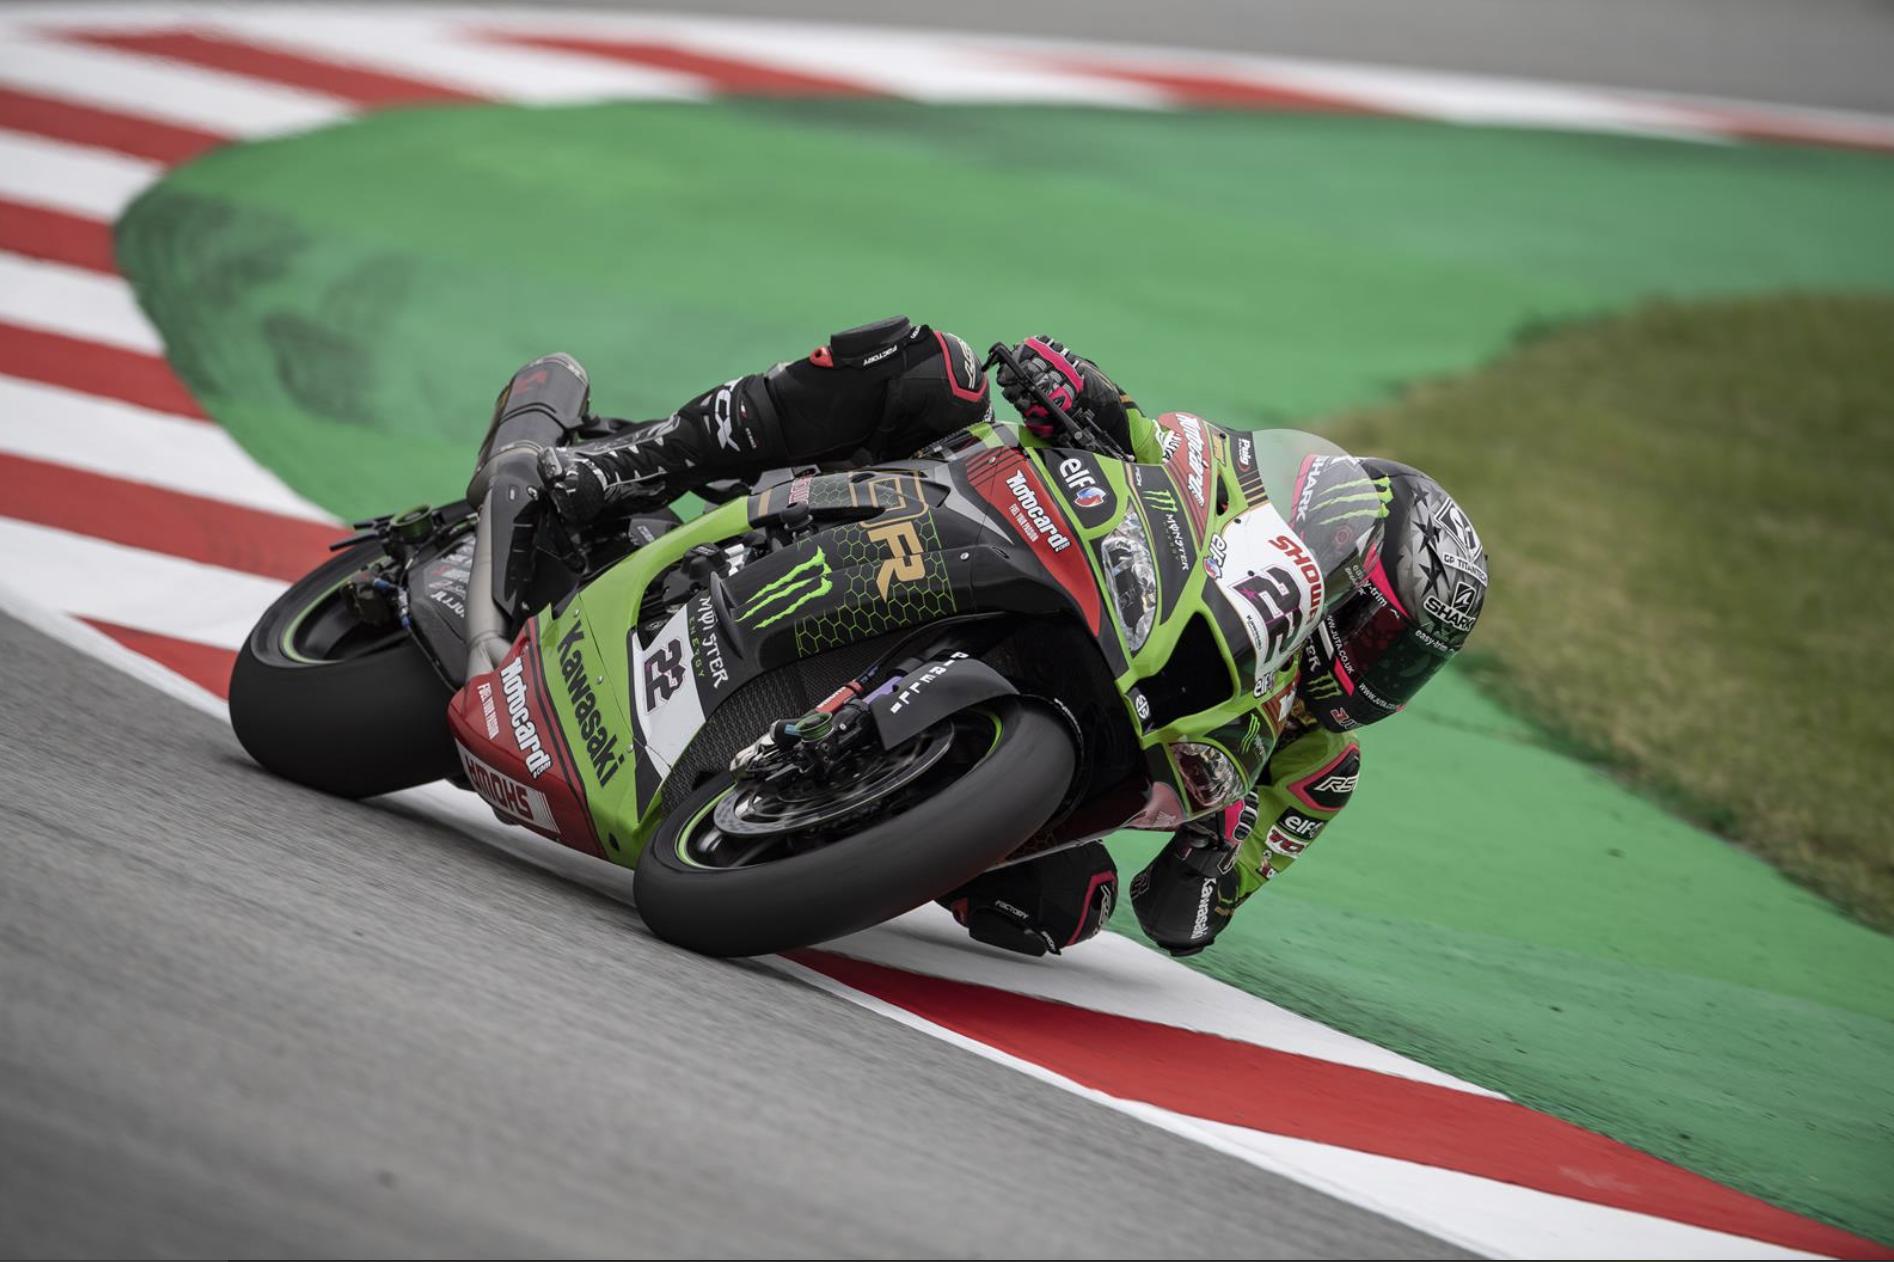 スーパーバイク世界選手権(SBK)マニクール戦アレックス・ロウズ「あと2ラウンドしかないのは奇妙な感覚」